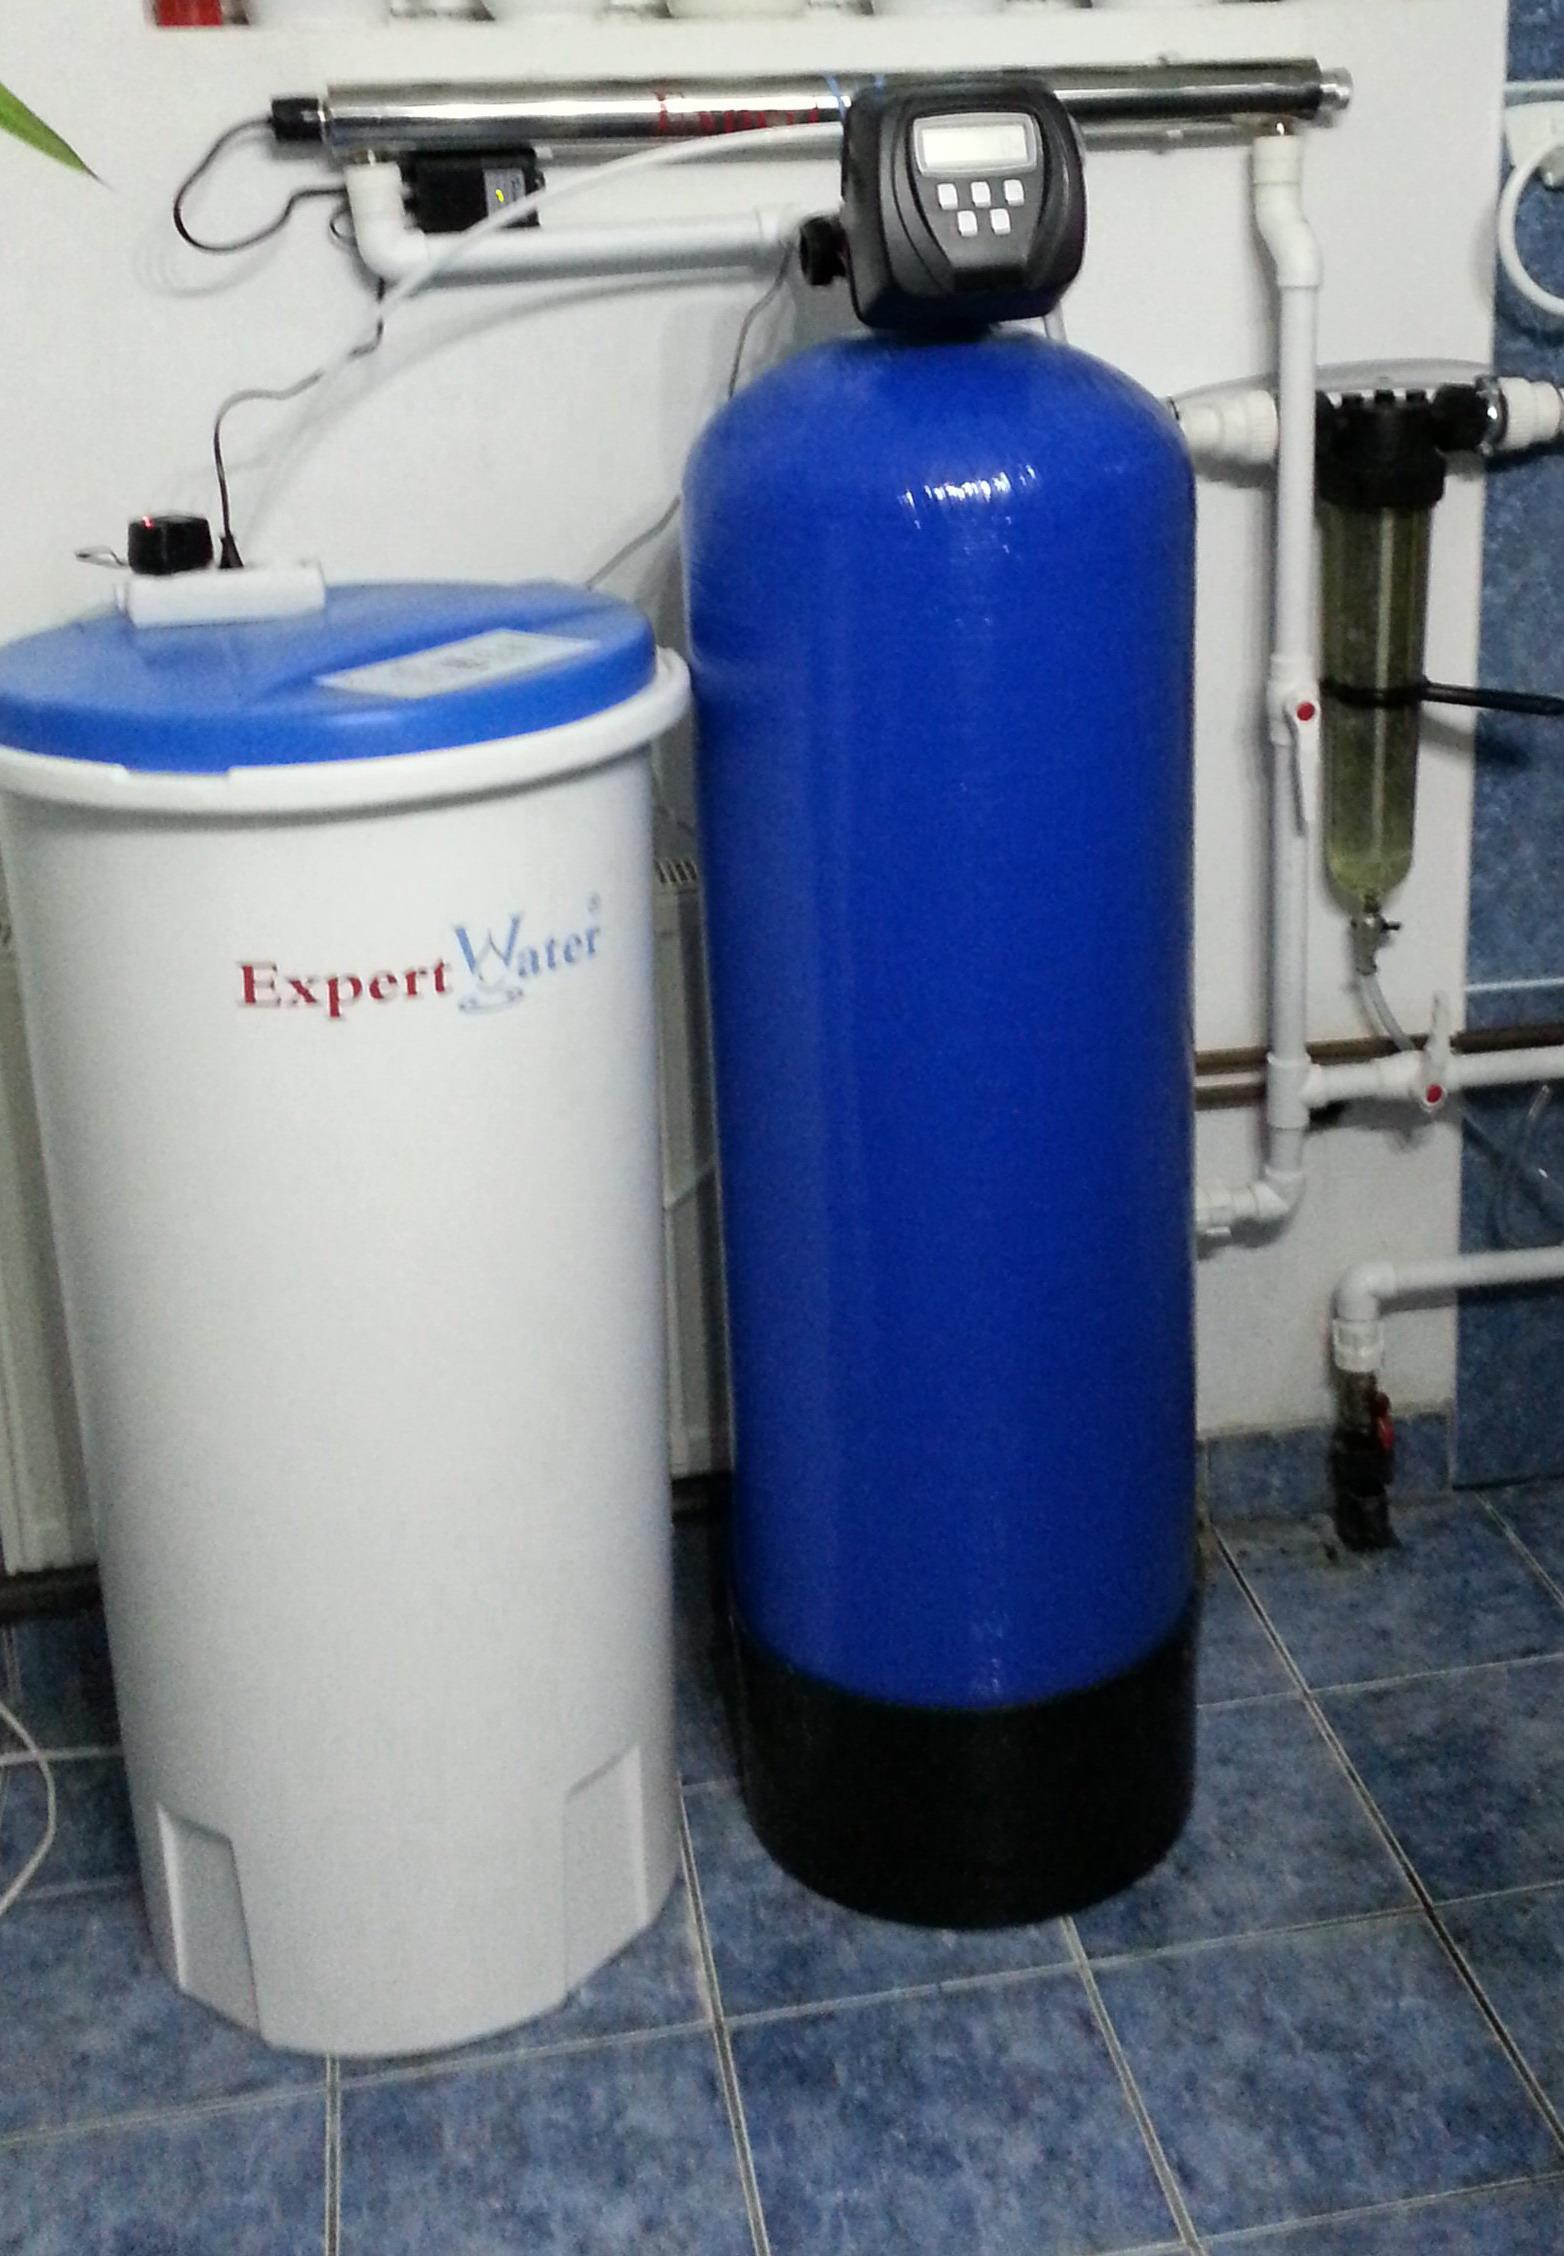 sistem expert water1